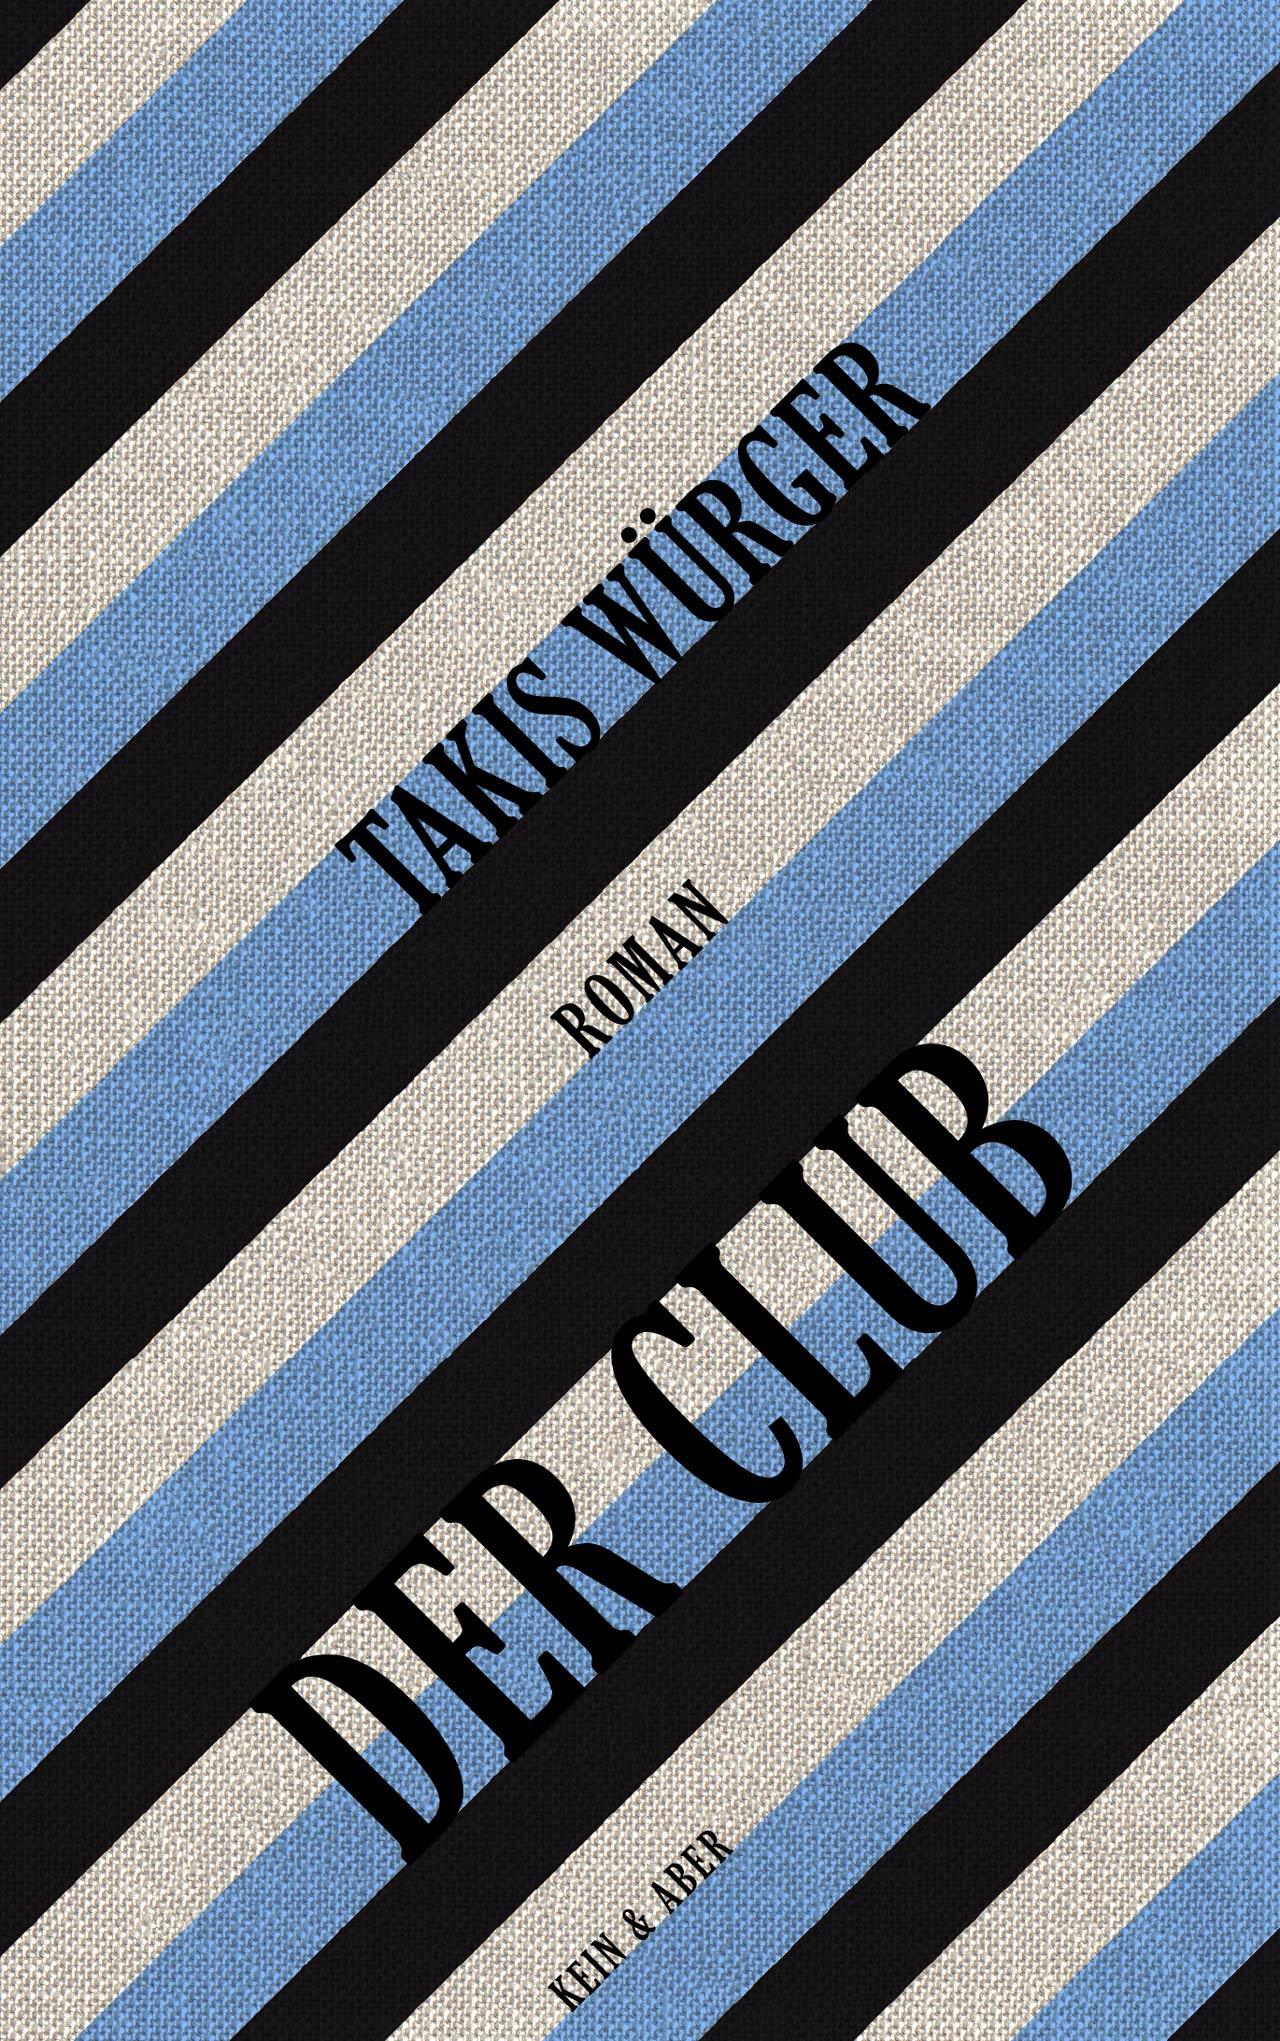 Buchcover mit Streifen